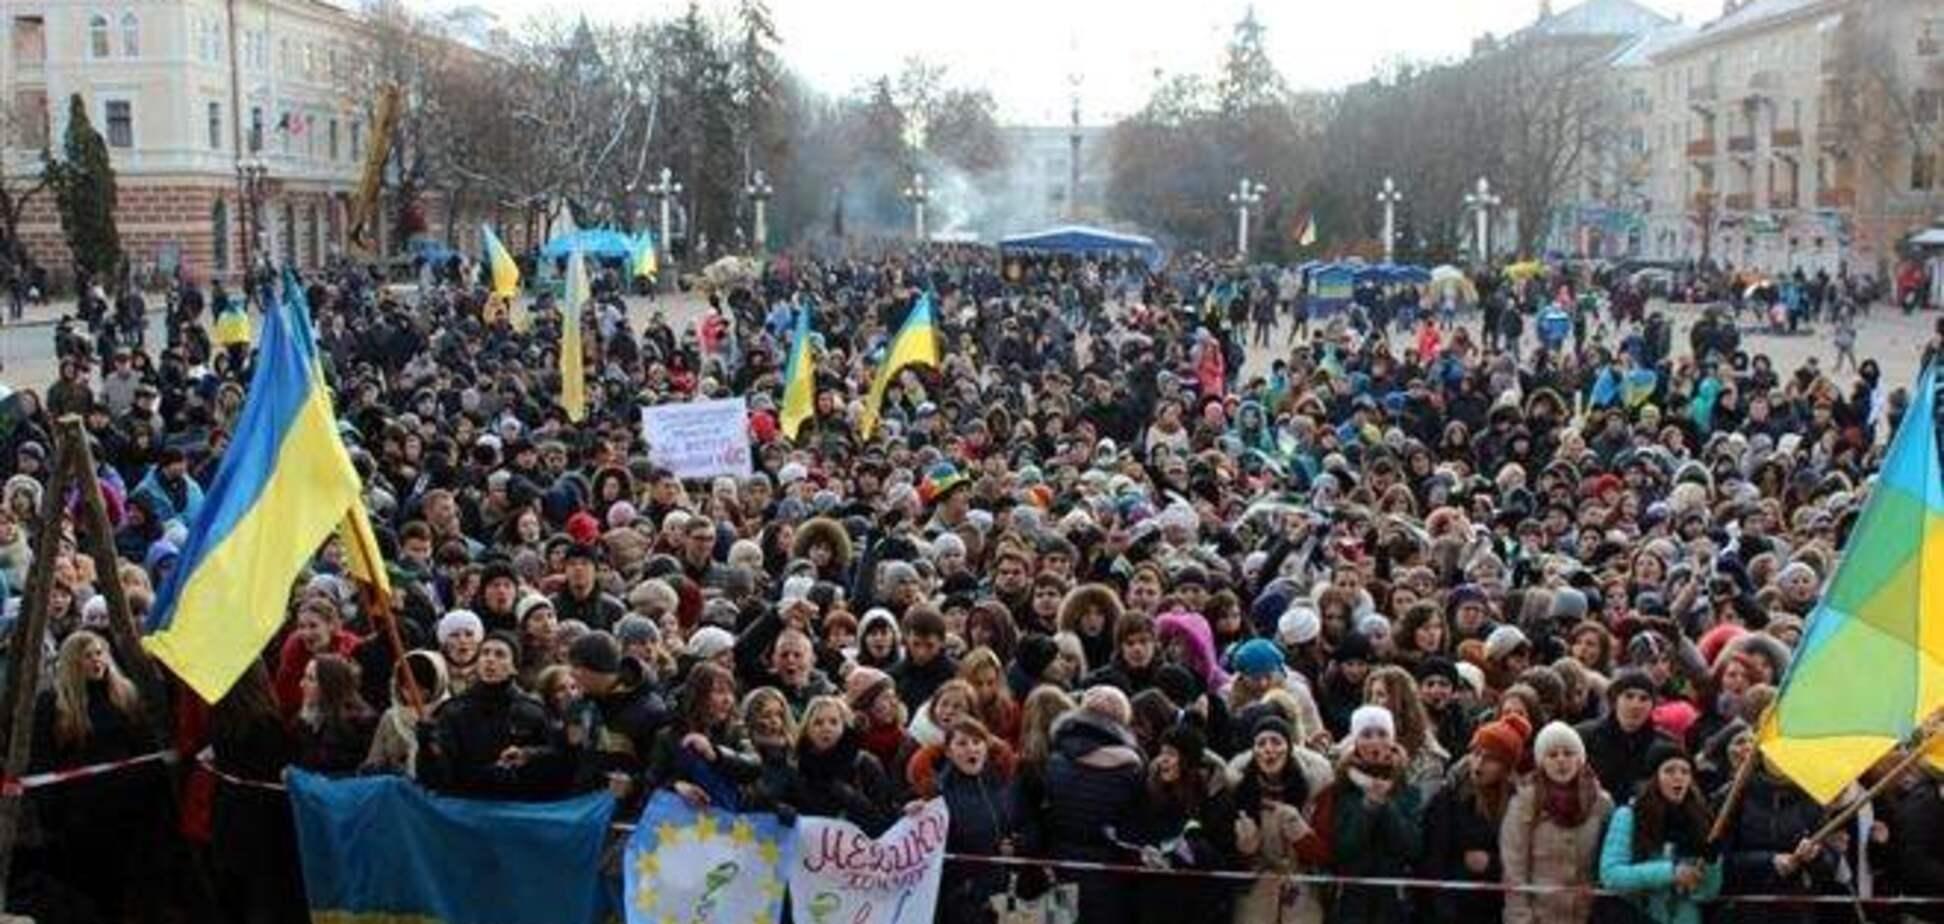 Мэр Тернополя призвал ректоров выйти вместе со студентами на Евромайдан